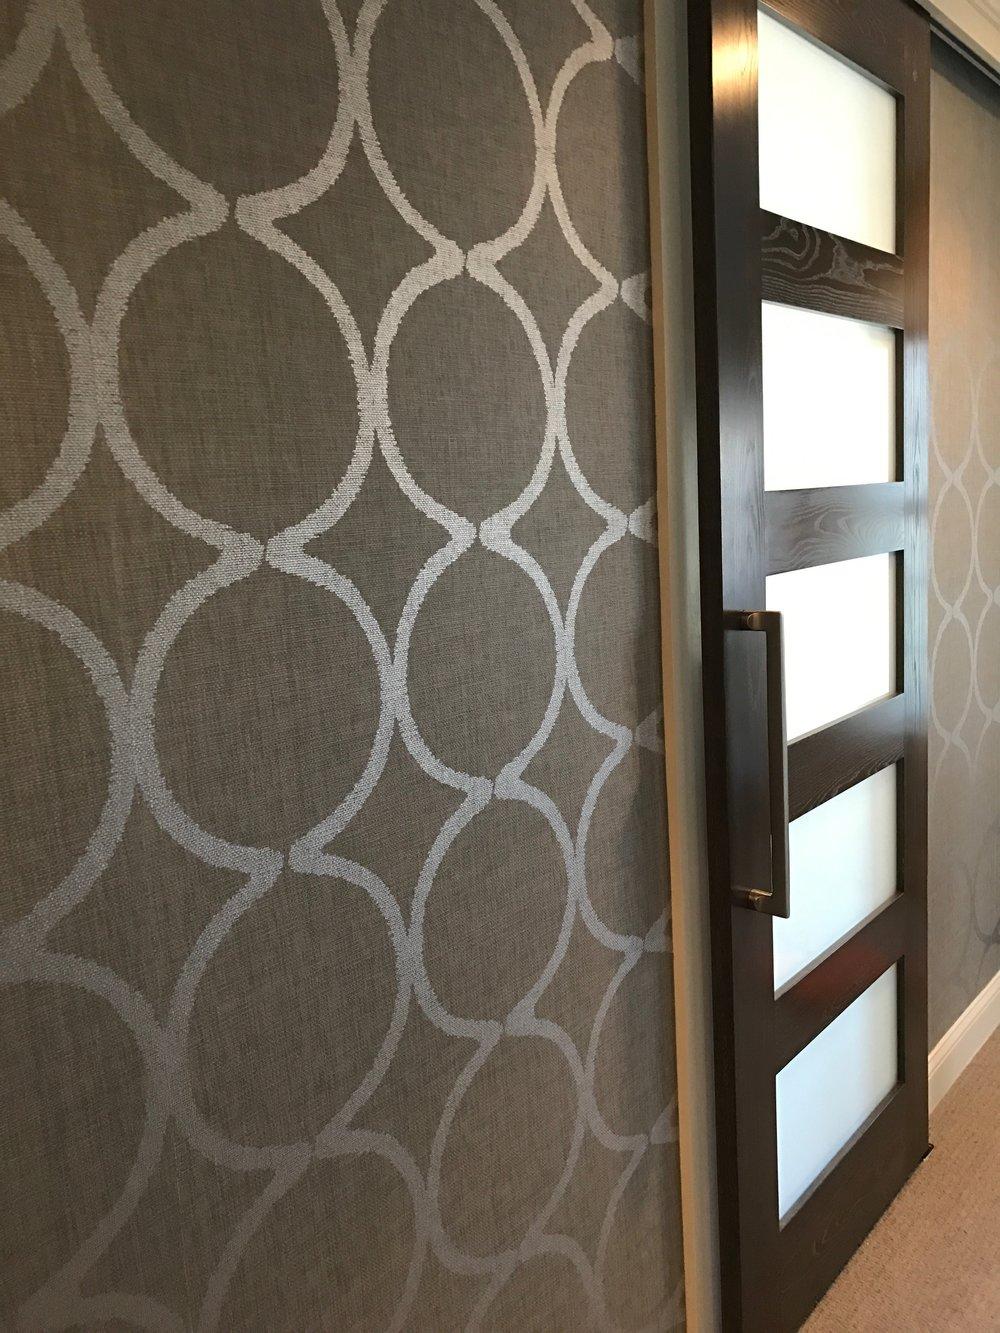 & Custom Barn Doors \u2014 Brooks Designs